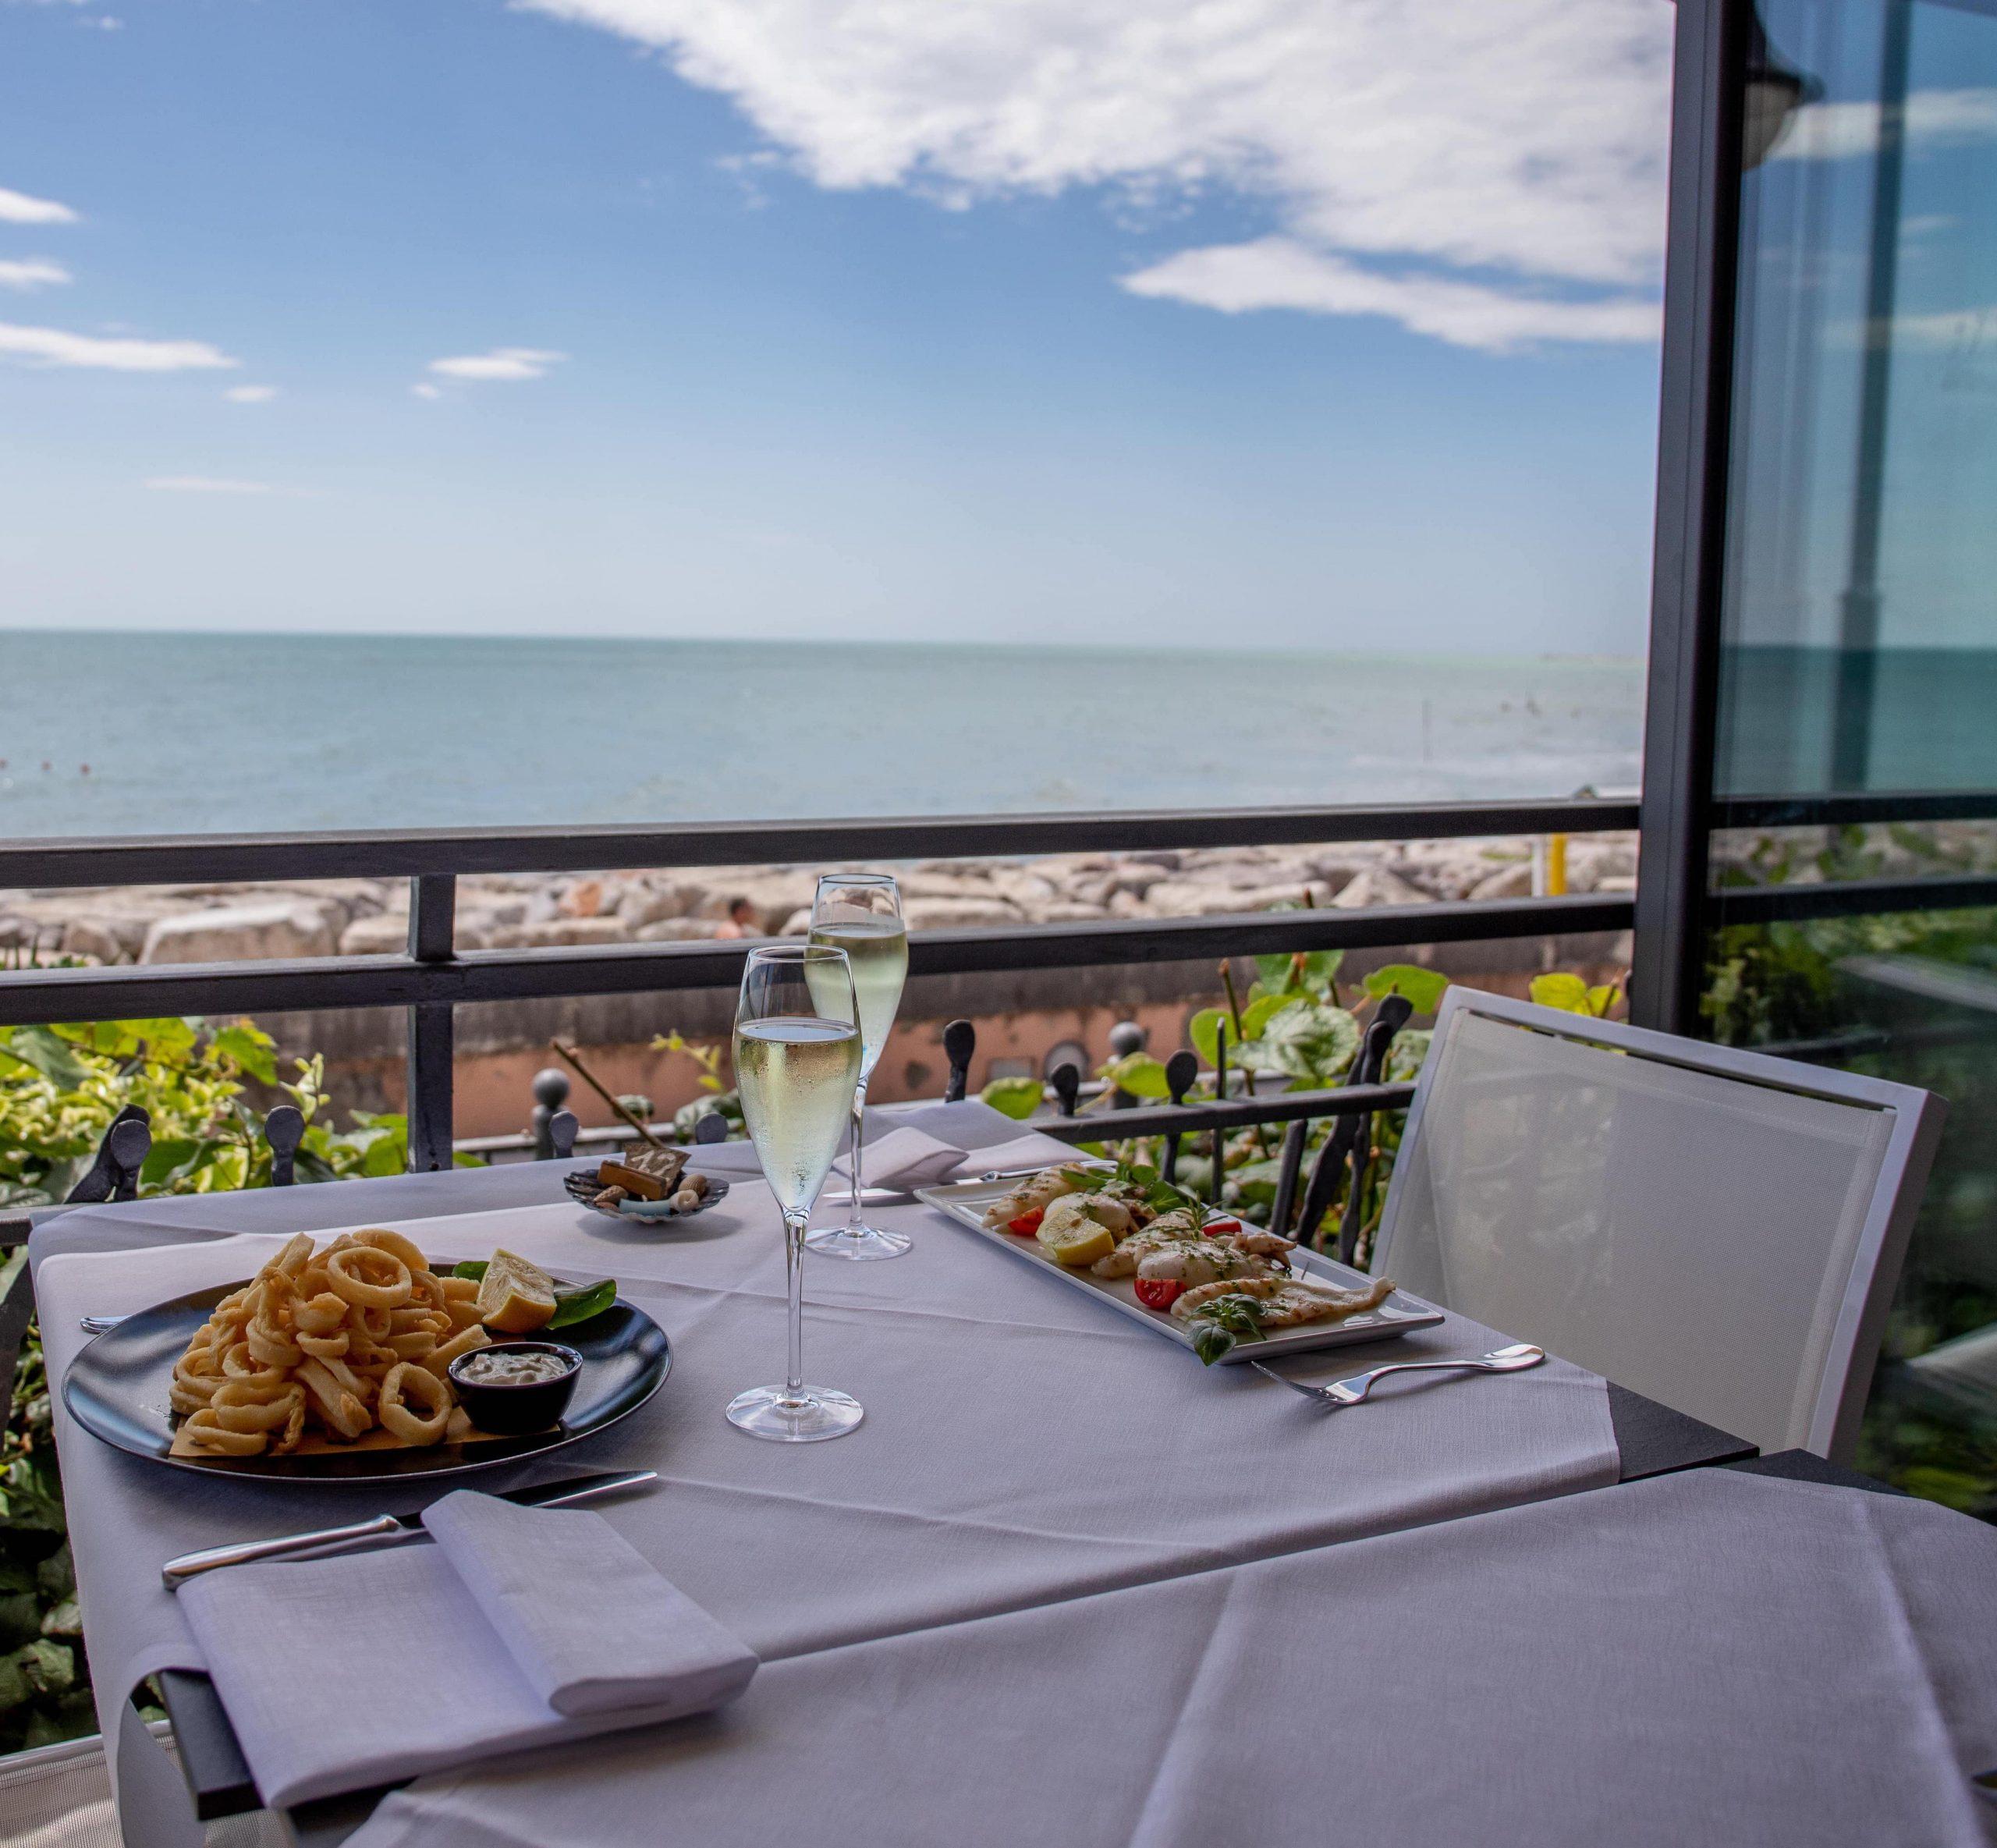 Hotel Negretto ristorante a Caorle lungomare